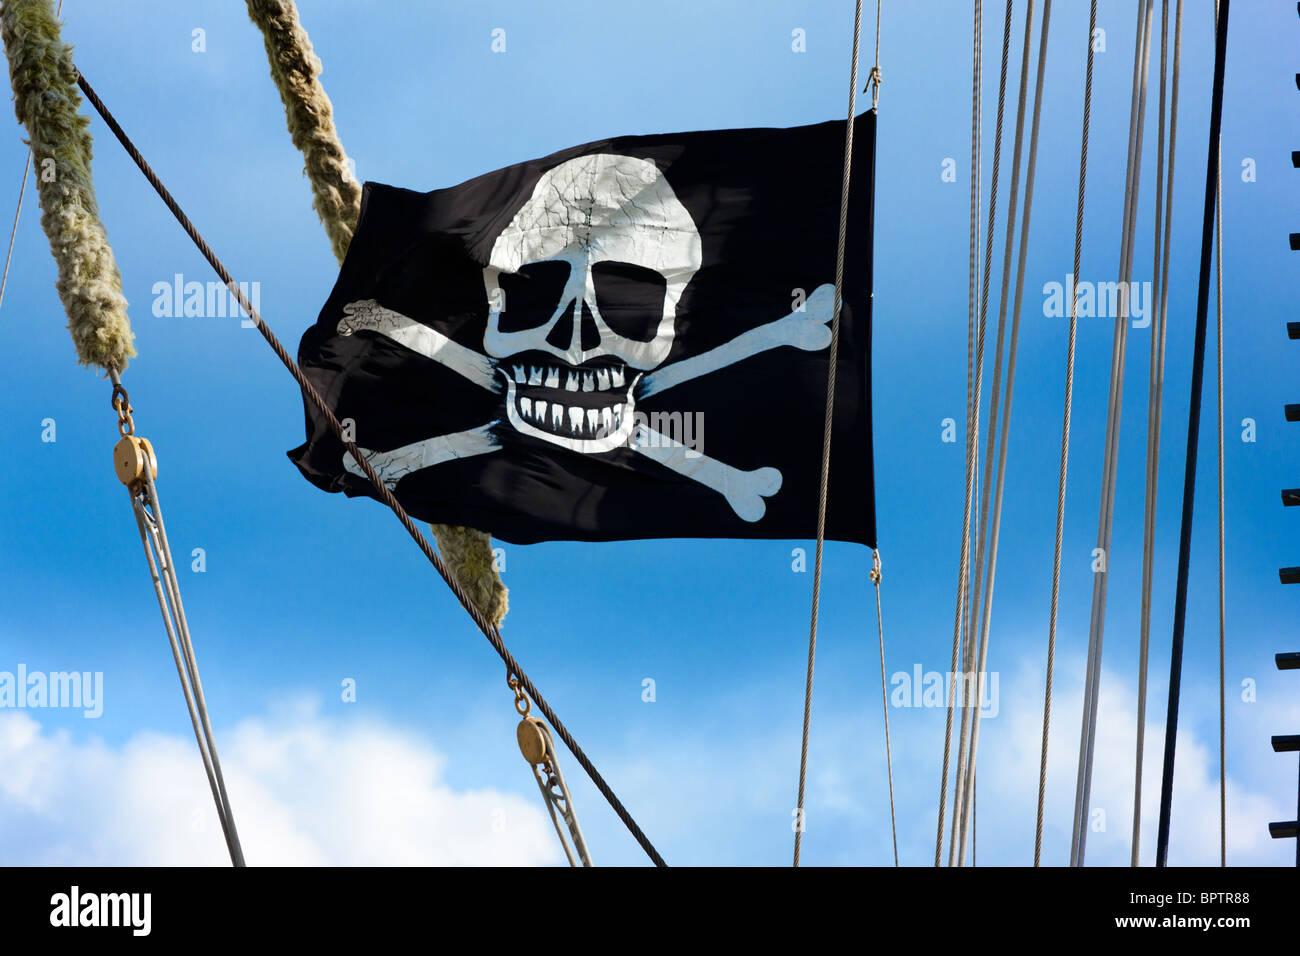 Totenkopf, Jolly Roger, ein Piraten-Flagge auf einem historischen Großsegler Stockbild